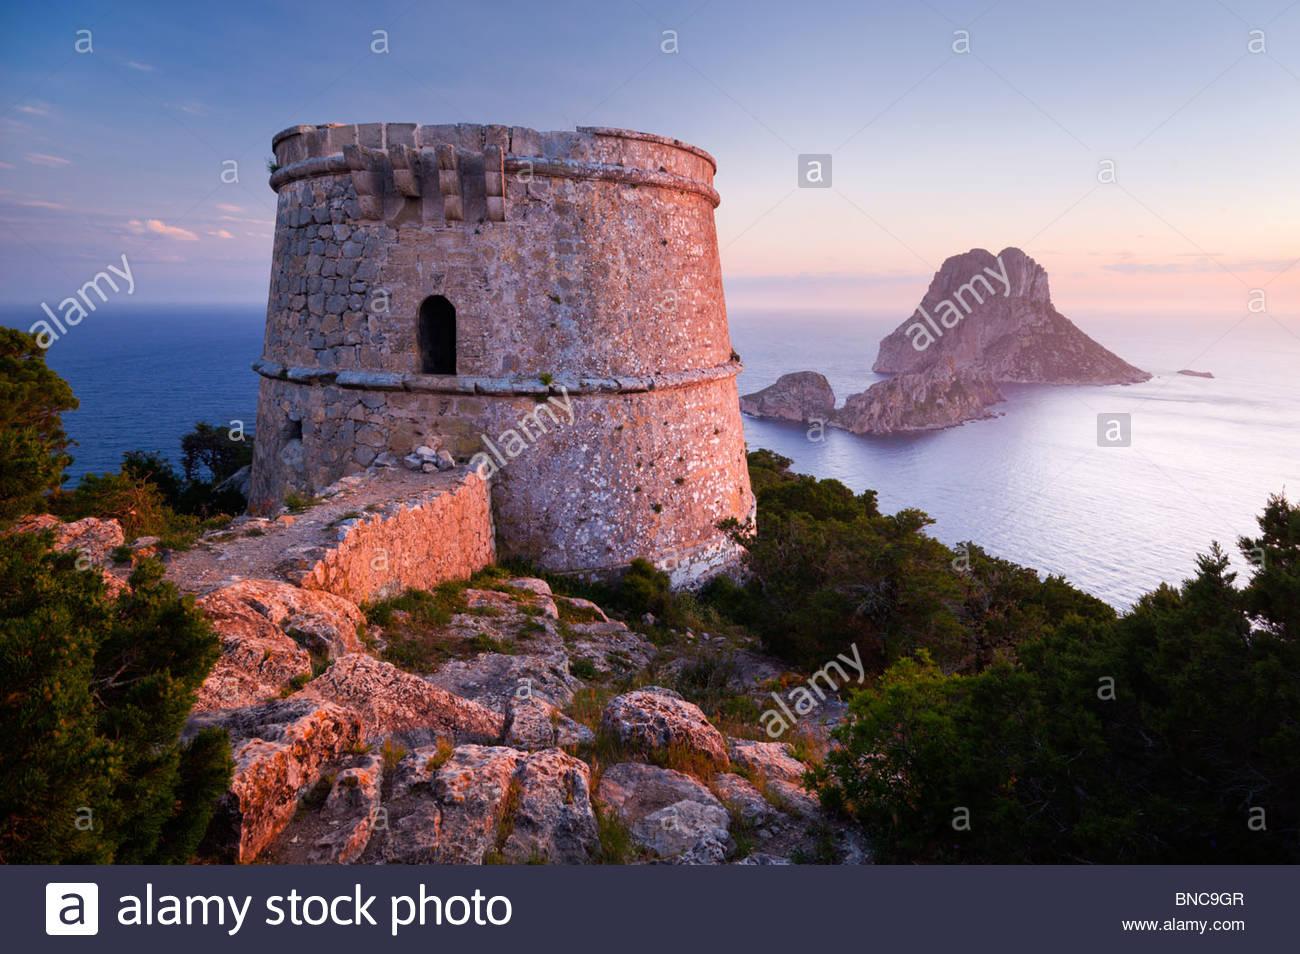 Torre des Savinar (également connu sous le nom de Torre del Pirata), et les îles de es Vedranell et es Photo Stock